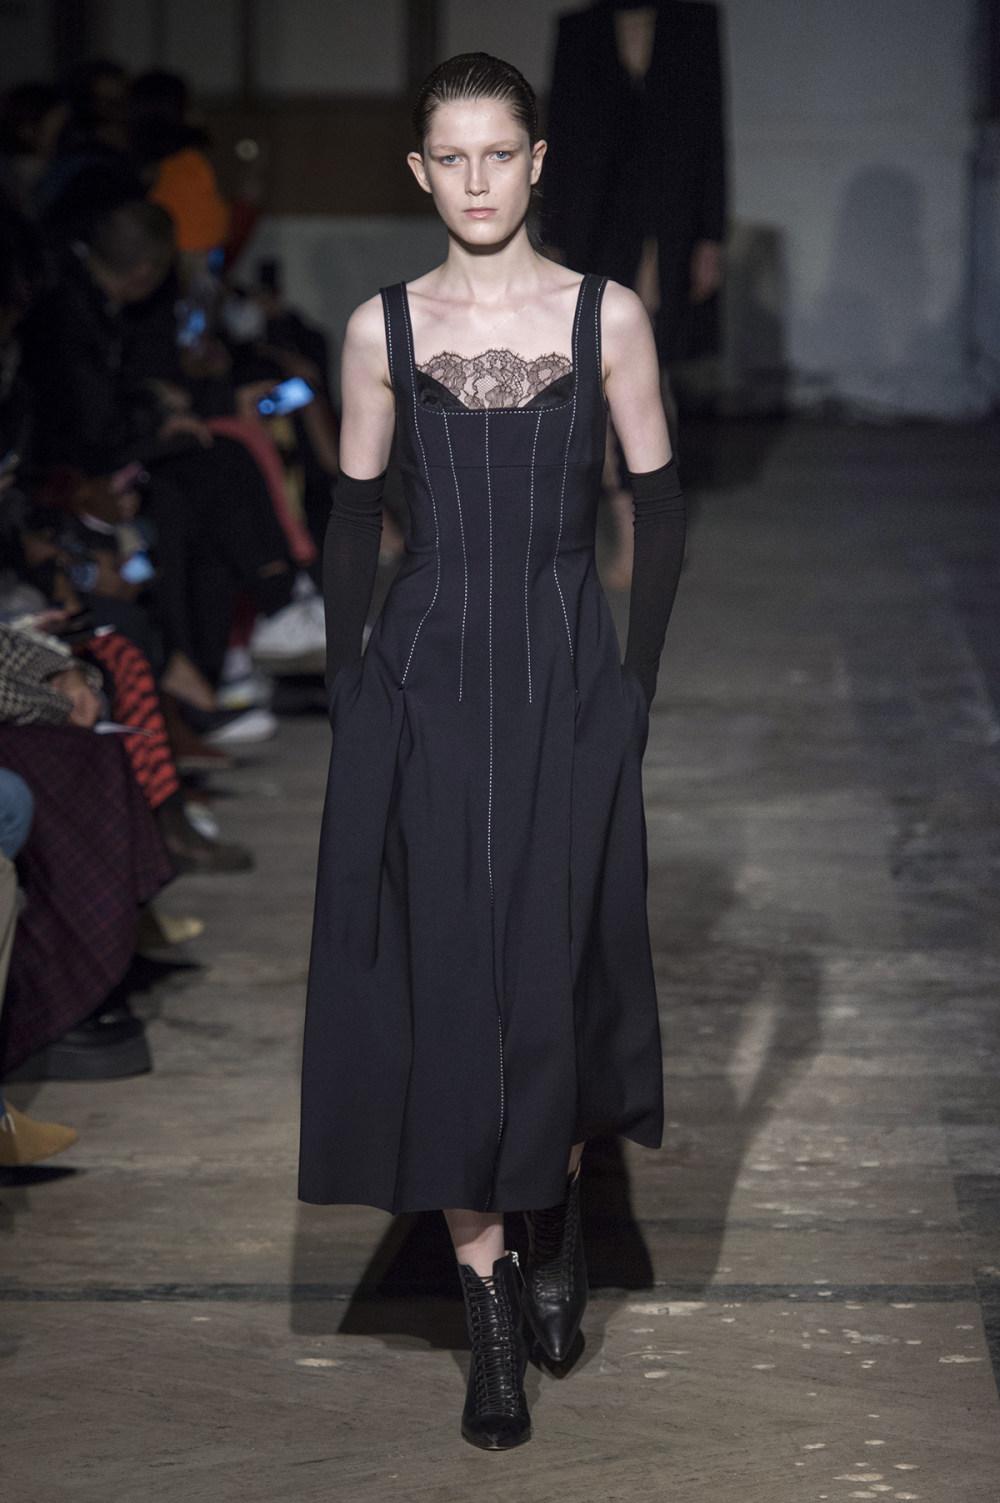 Dion Lee没有紧身衣的连衣裙被聚集或扭曲保持调色板的简约和奢华-15.jpg